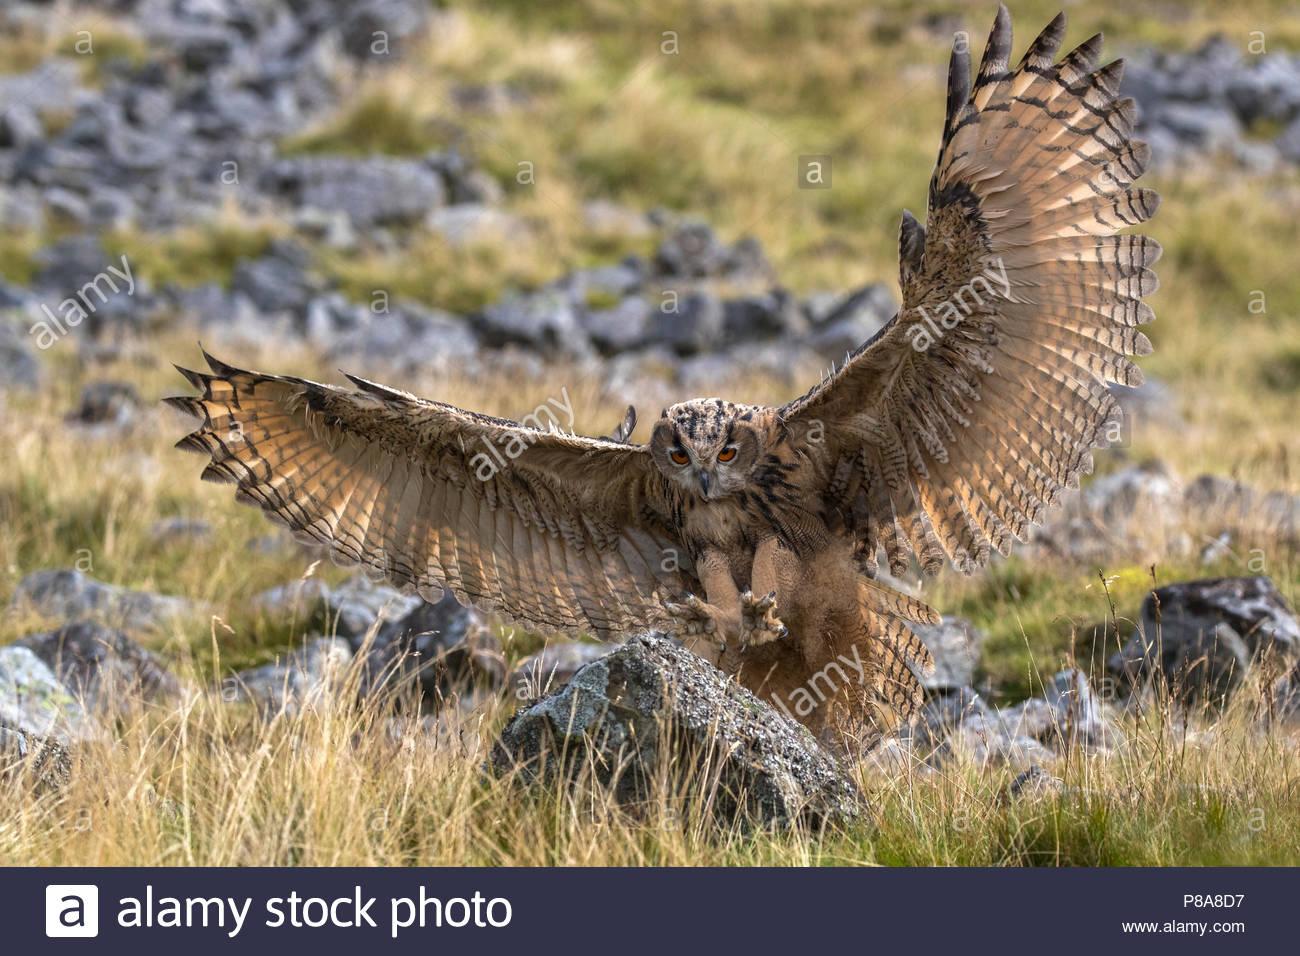 Eurasia (europeo), búho real (Bubo bubo) menores en vuelo cautivo, Cumbria, Reino Unido Imagen De Stock